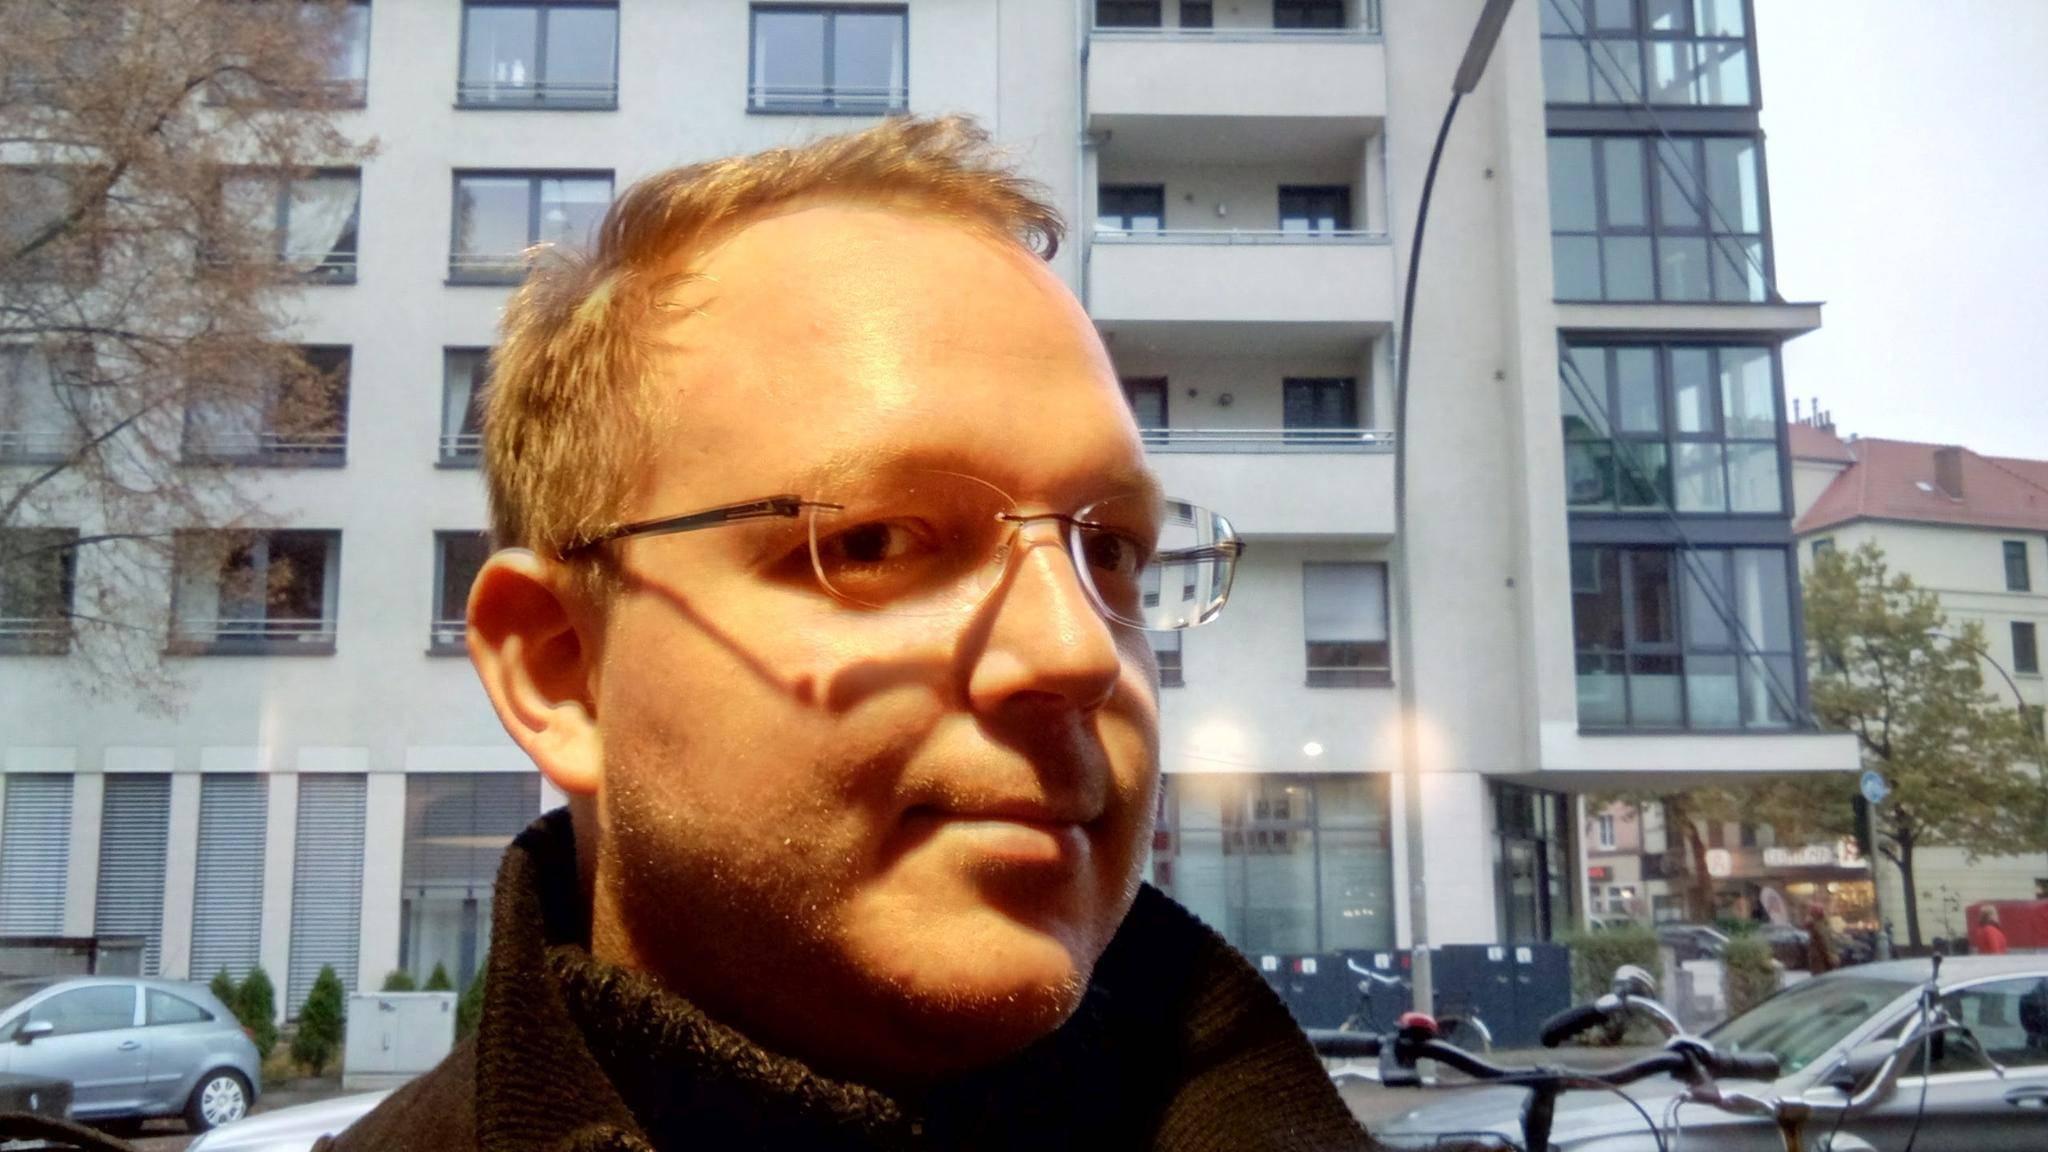 Für eine Selfie-Webcam geht das HTC-Modell in Ordnung.